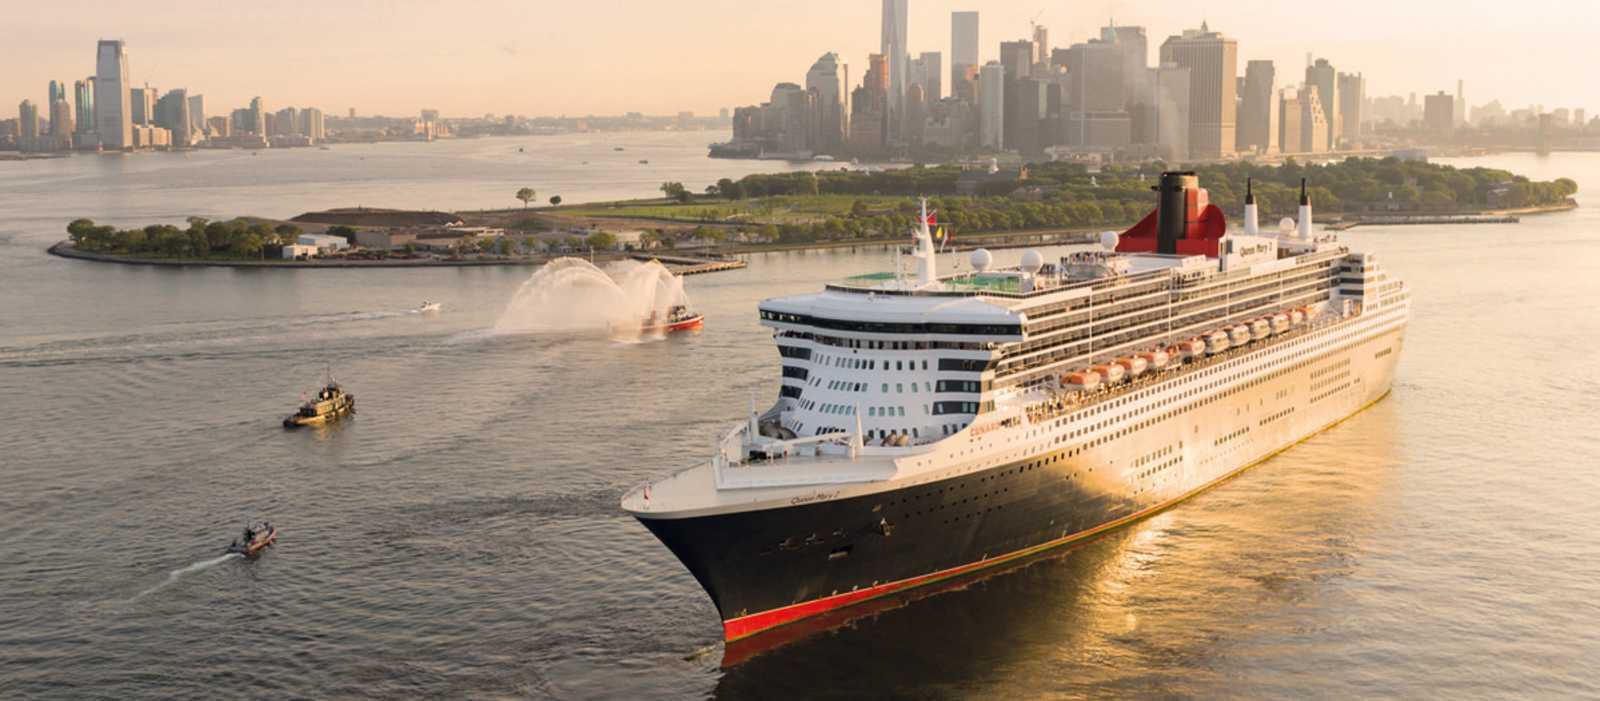 Queen Mary 2 vor der New Yorker Skyline